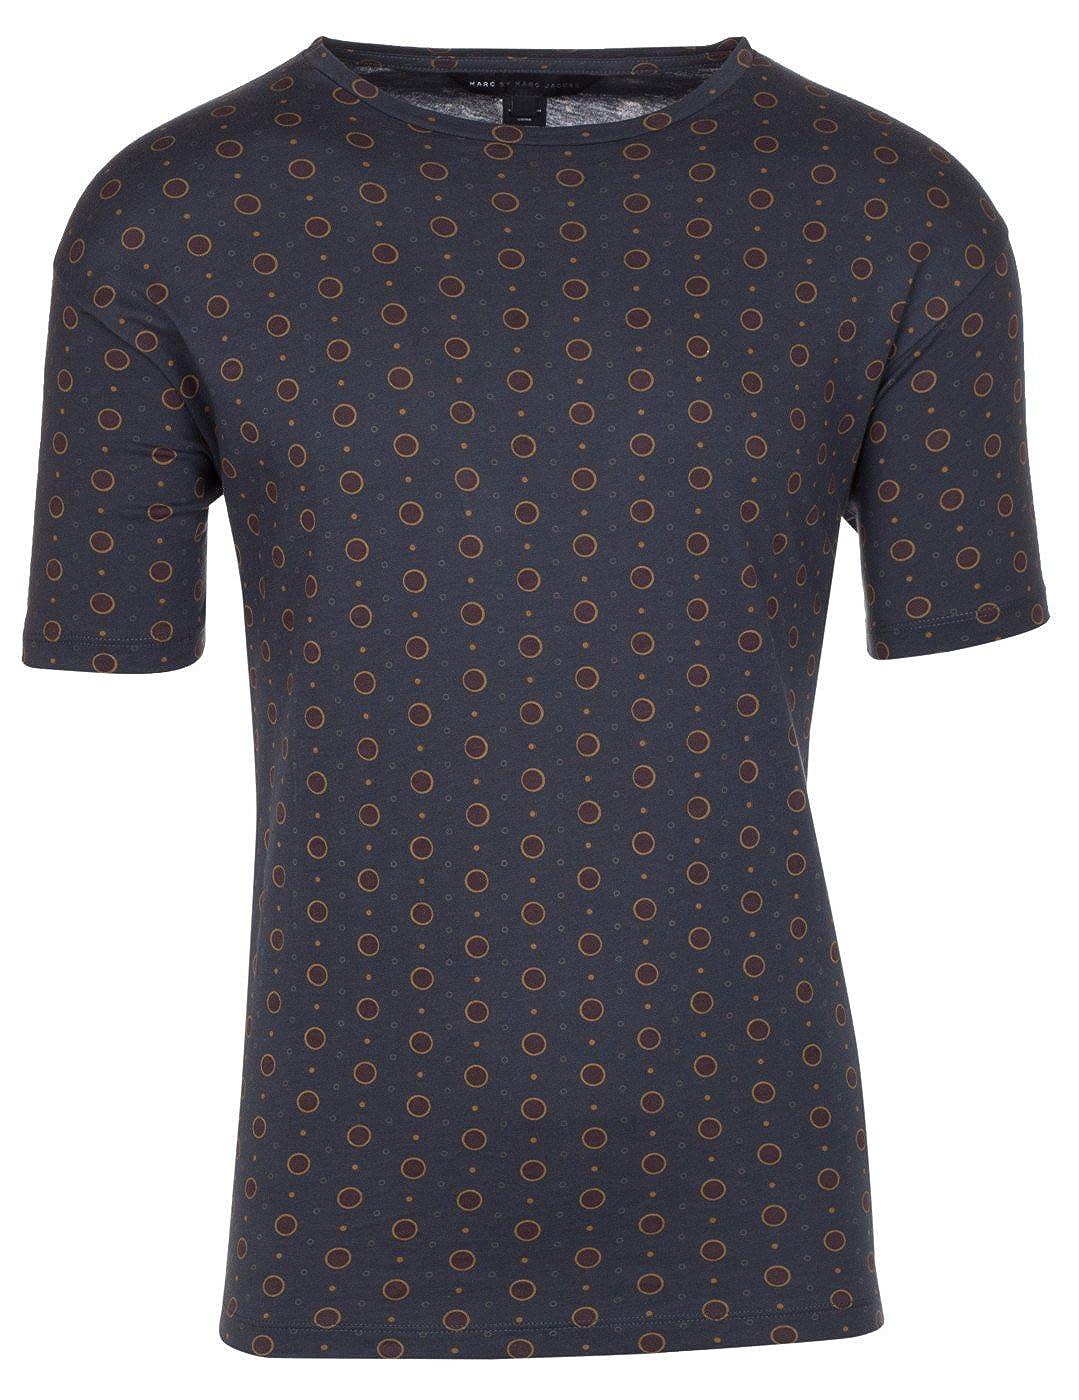 Marc by Marc Jacobs Men's Cotton Dalston Dot Print T-Shirt